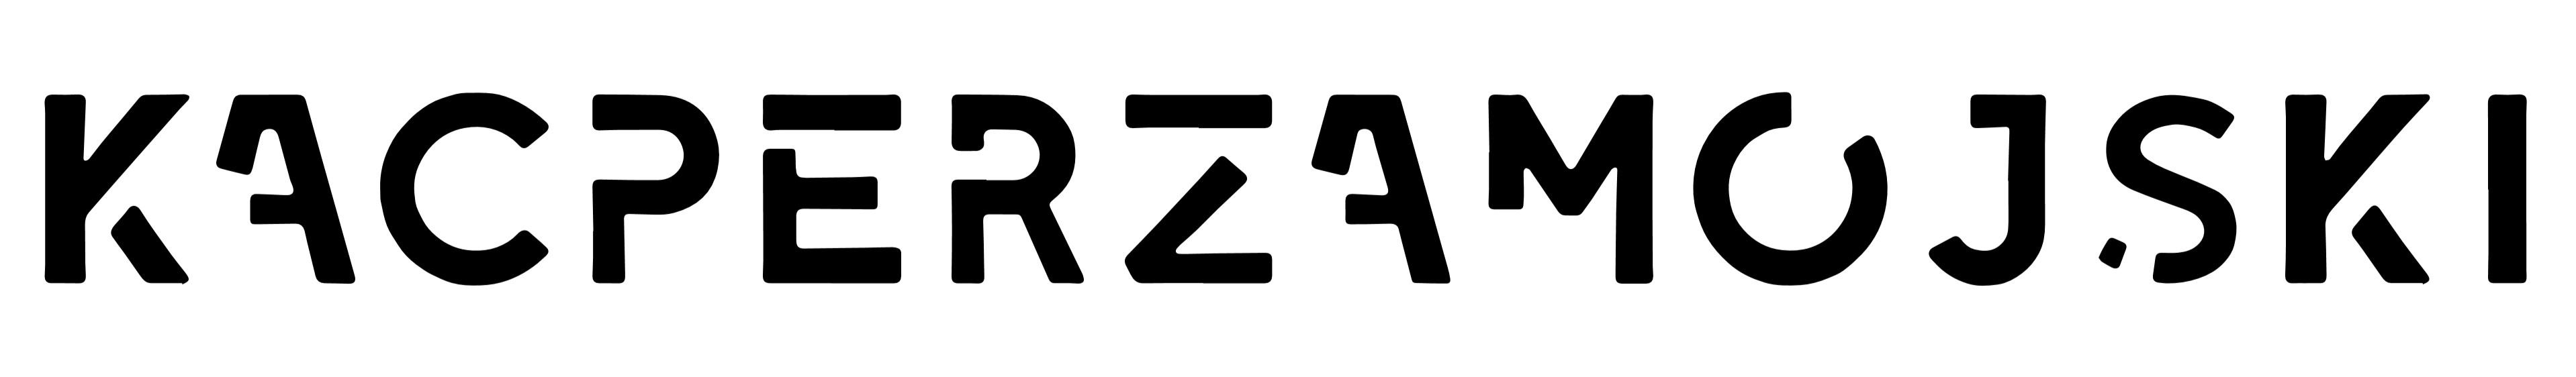 kacperzamojski.pl | Organizacja czasu dla zapracowanych